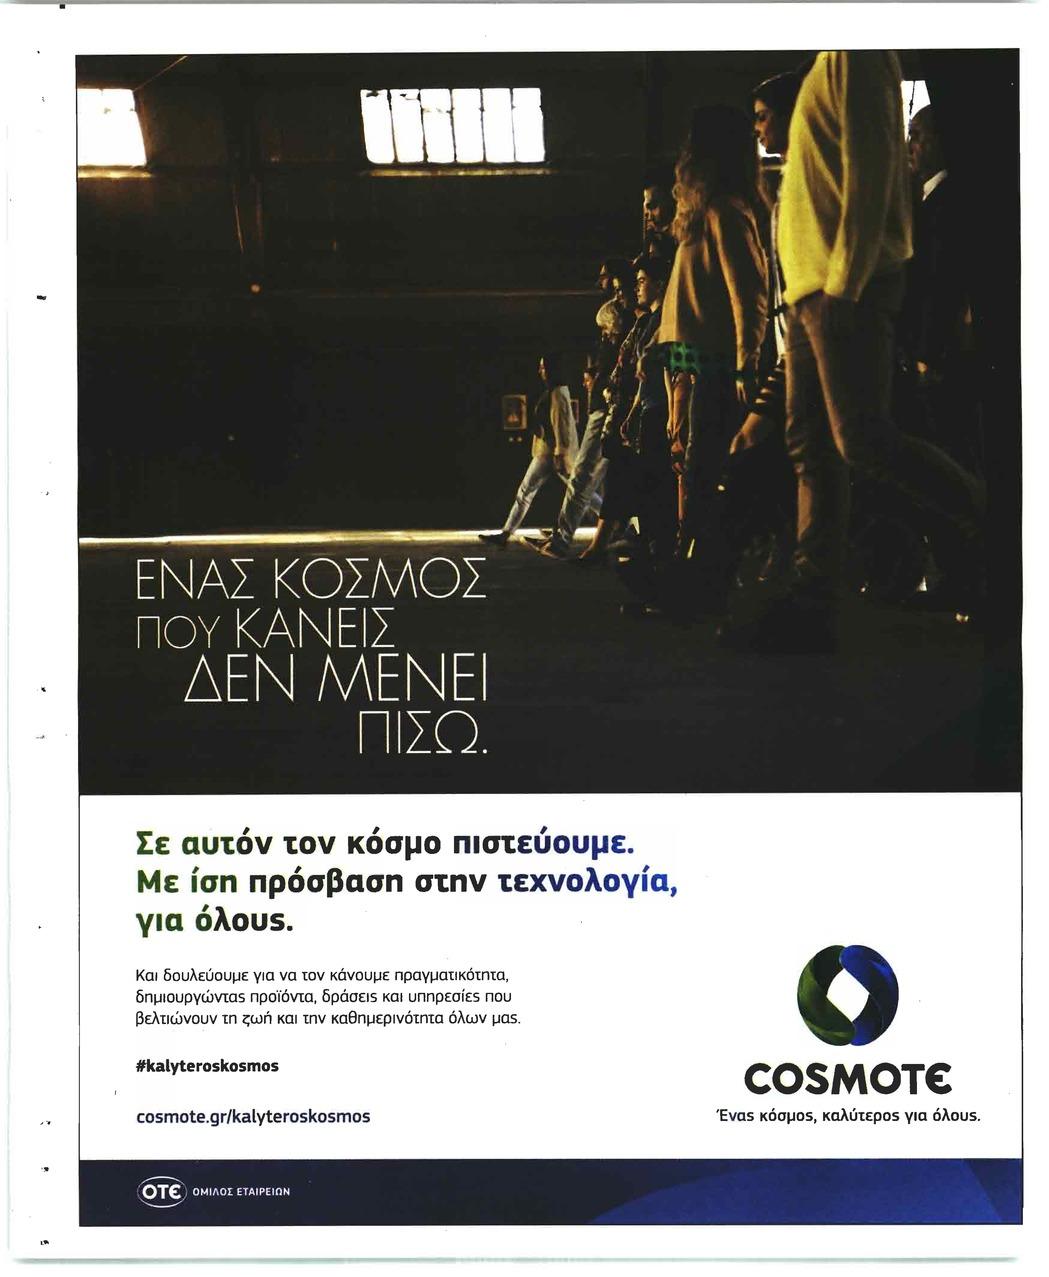 Οπισθόφυλλο εφημερίδας Ευρώ Οικονομία